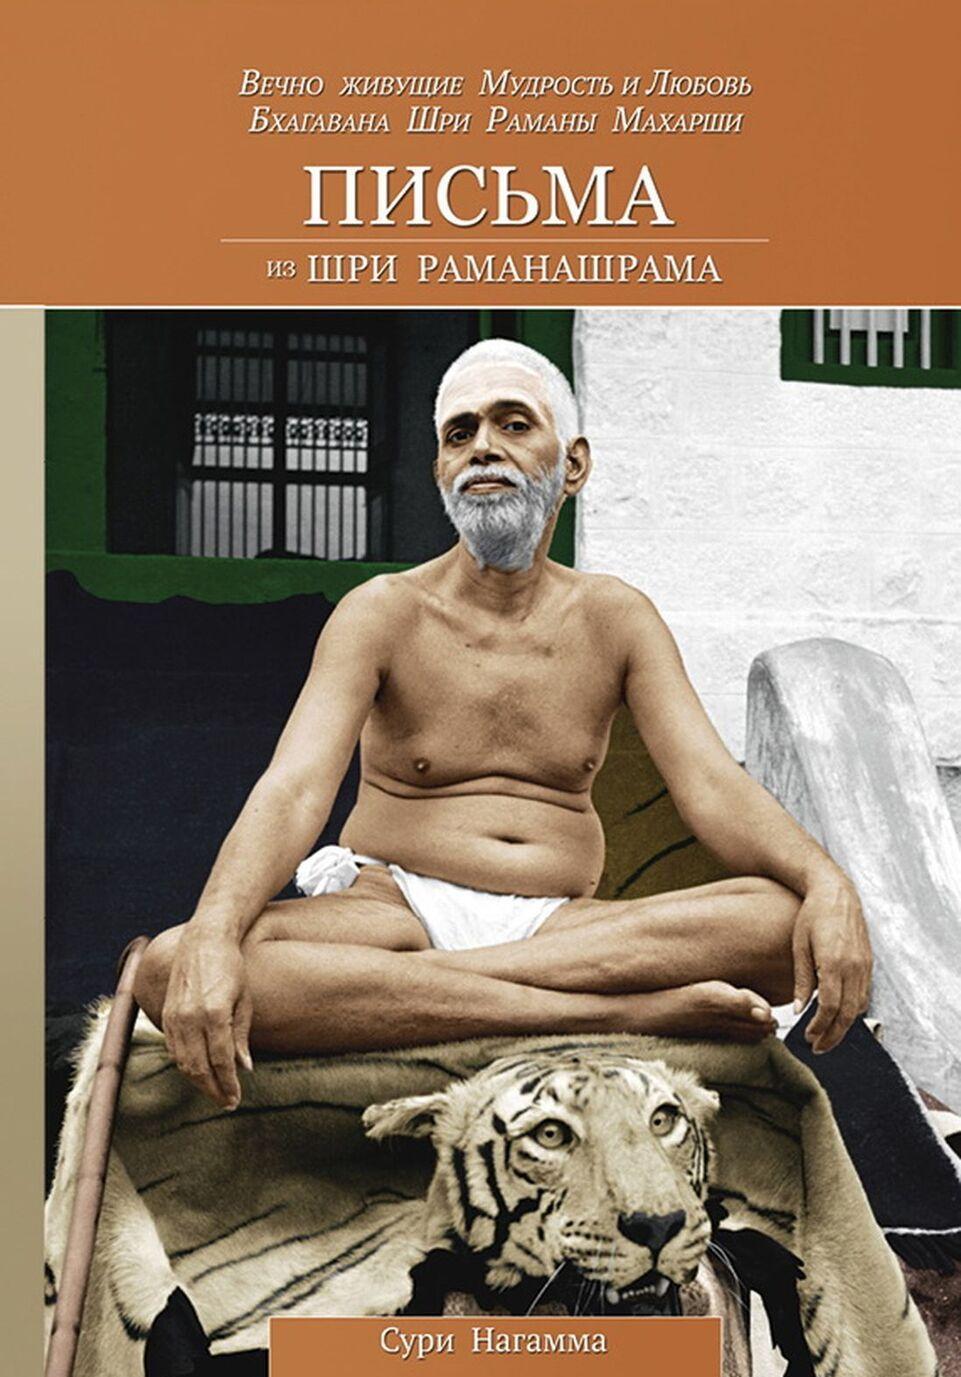 Pisma iz Shri Ramanashrama. Vechno zhivuschie Mudrost i Ljubov Bkhagavana Shri Ramany Makharshi. Tom 1, 2